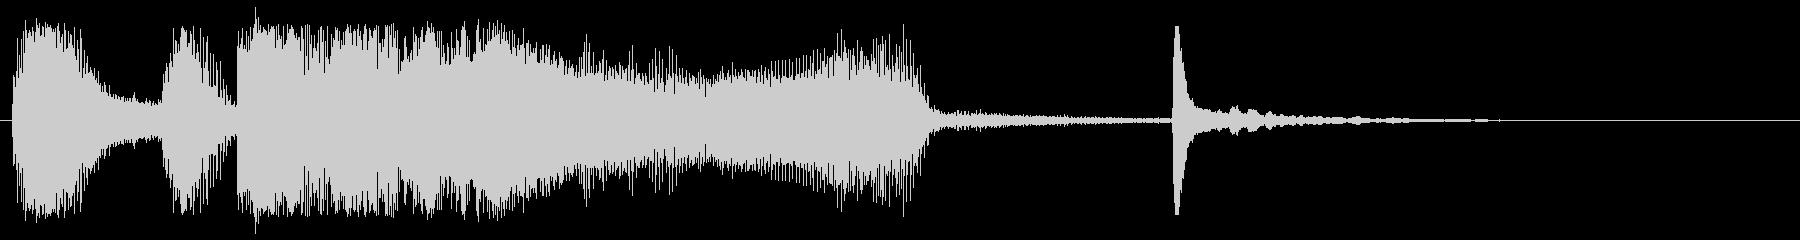 大失敗のファンファーレ 空き缶の音の未再生の波形